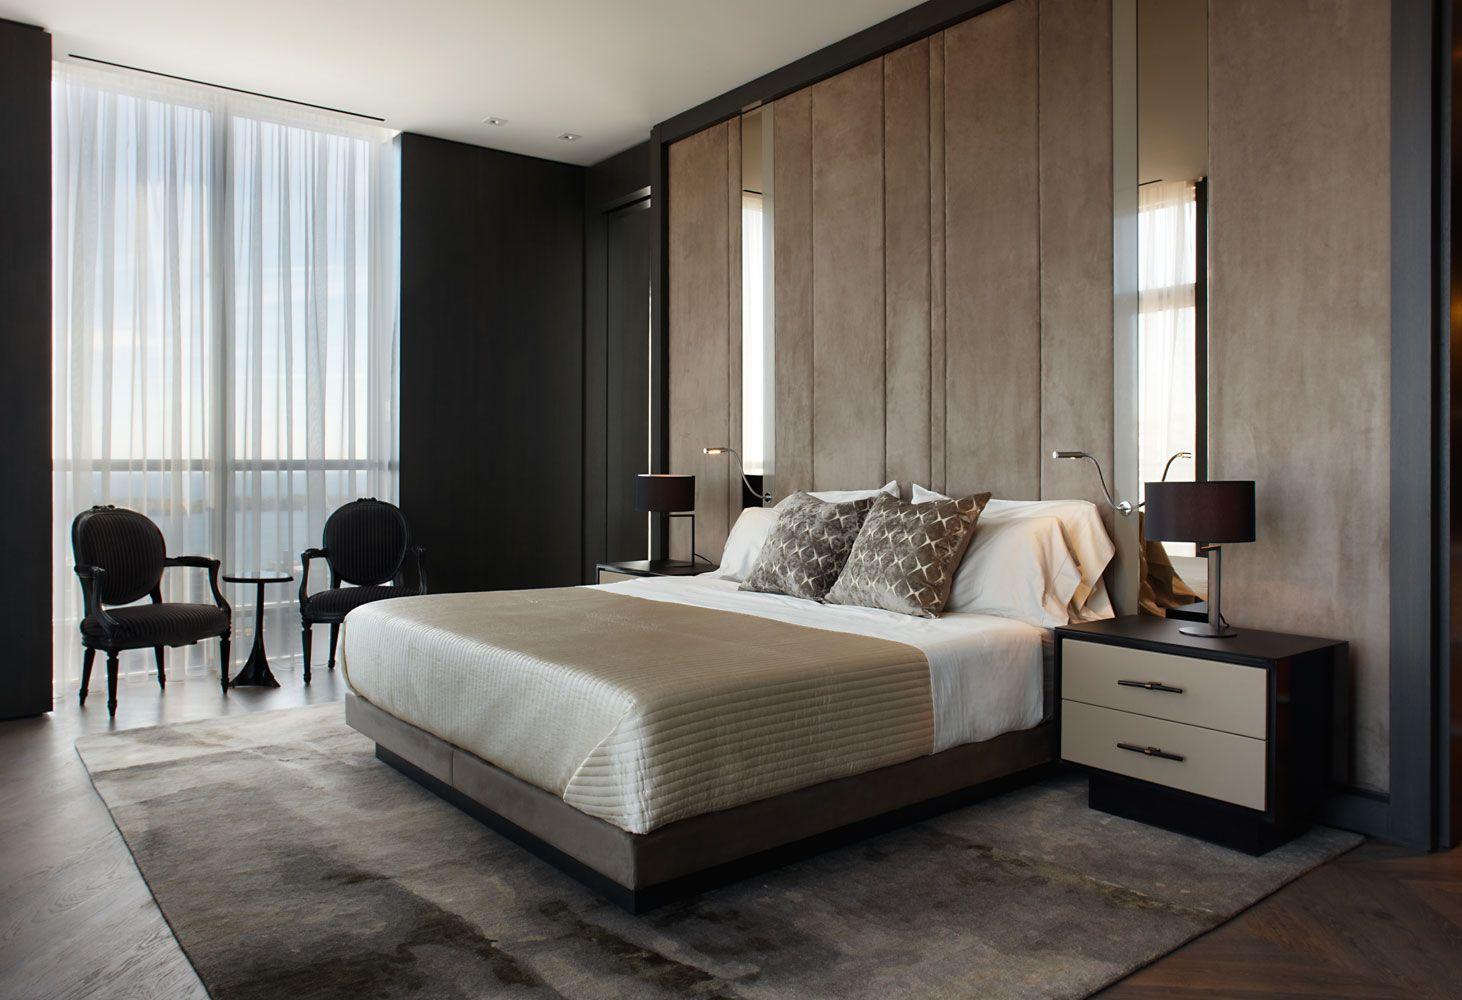 Munge leung mung leung slaapkamer interieur zolder slaapkamer